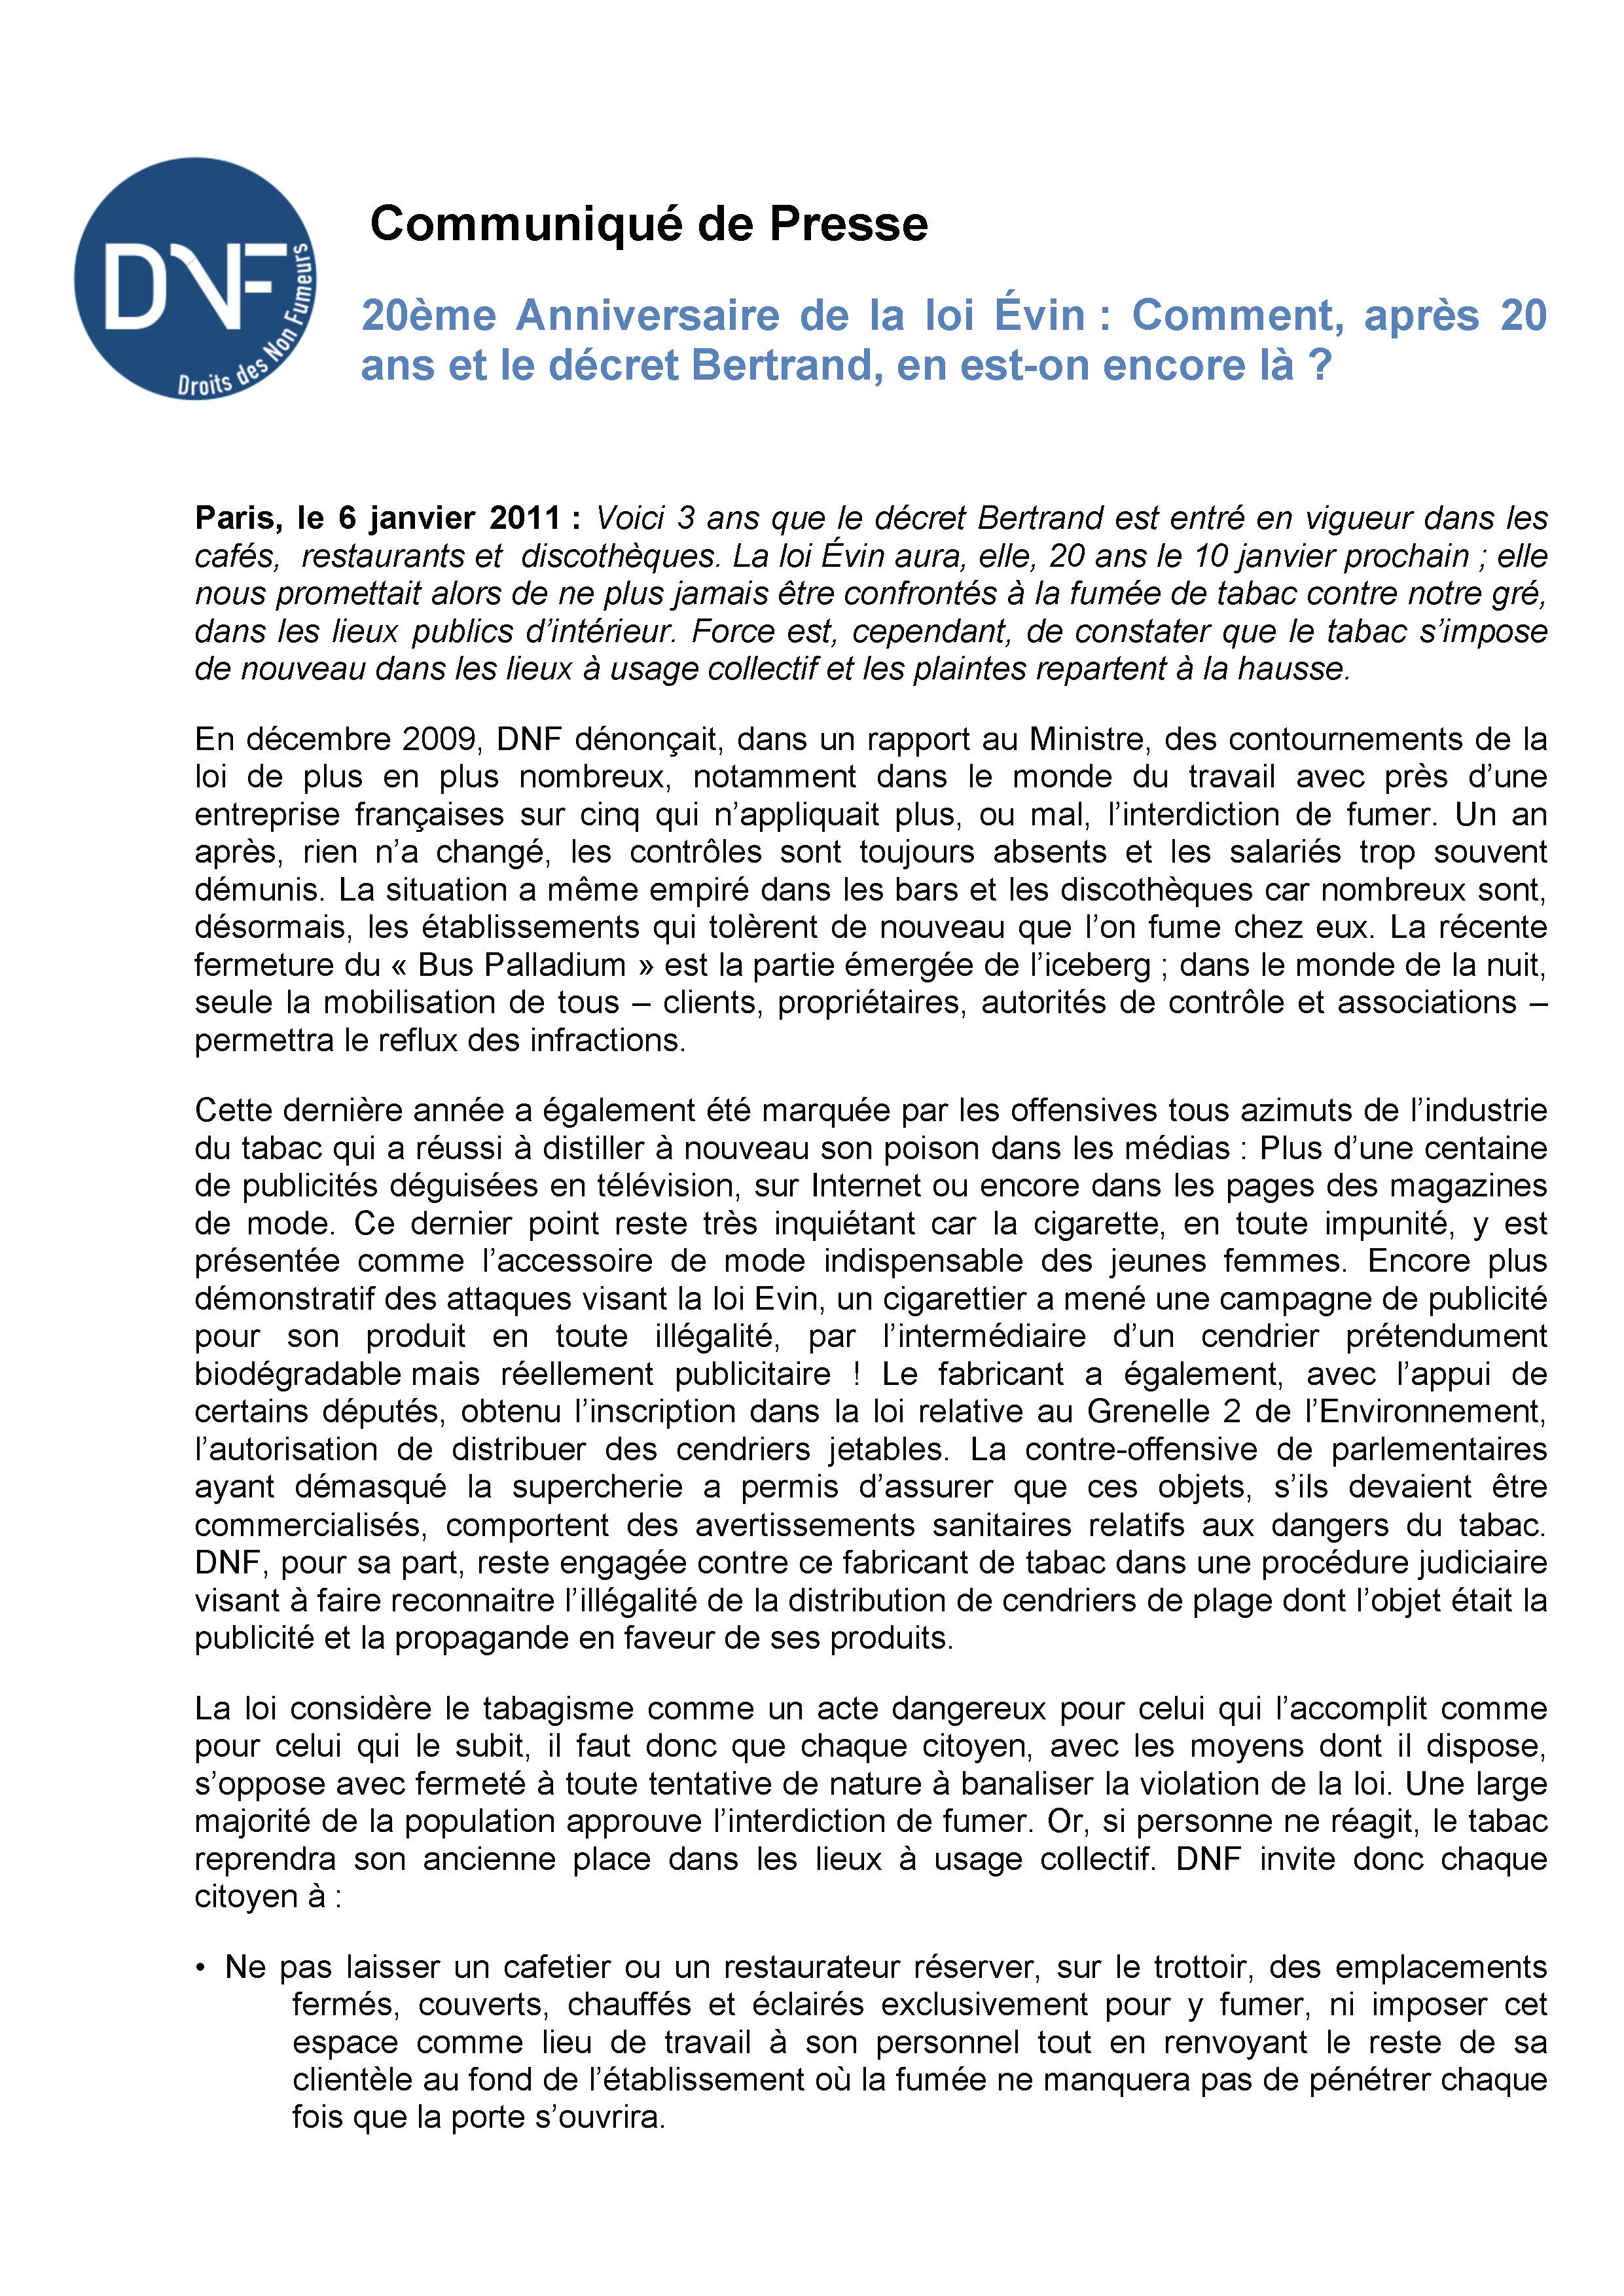 DNF-CP_20e-anniversaire-loi-evin-06jan2011_Page_1.jpg